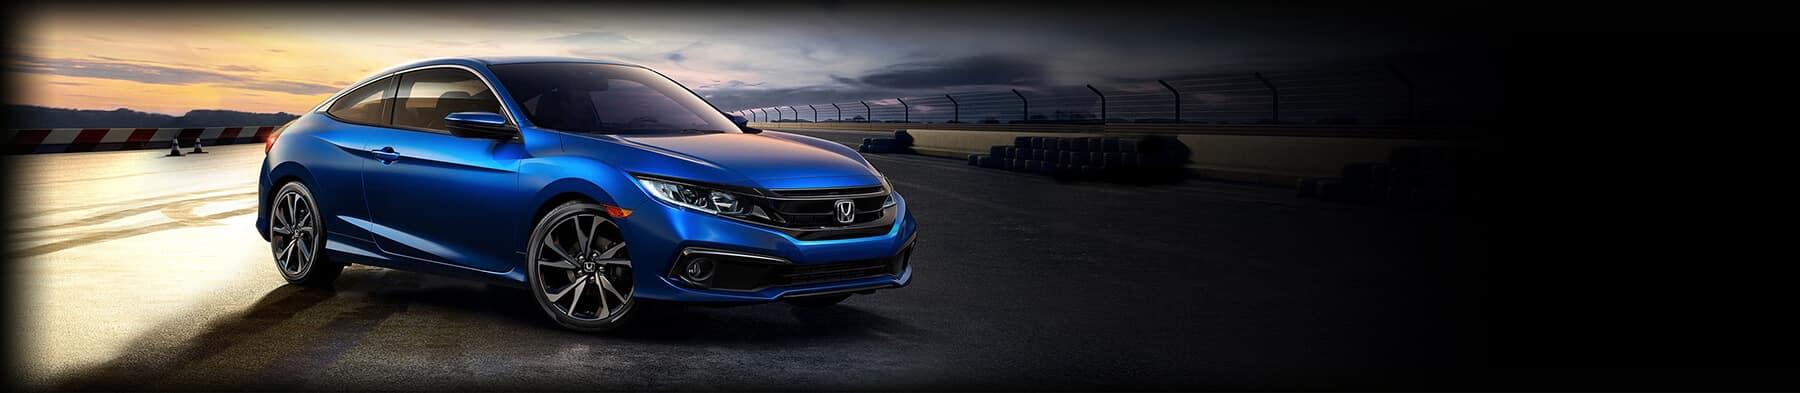 Honda Civic Coupe Awards Hero Image